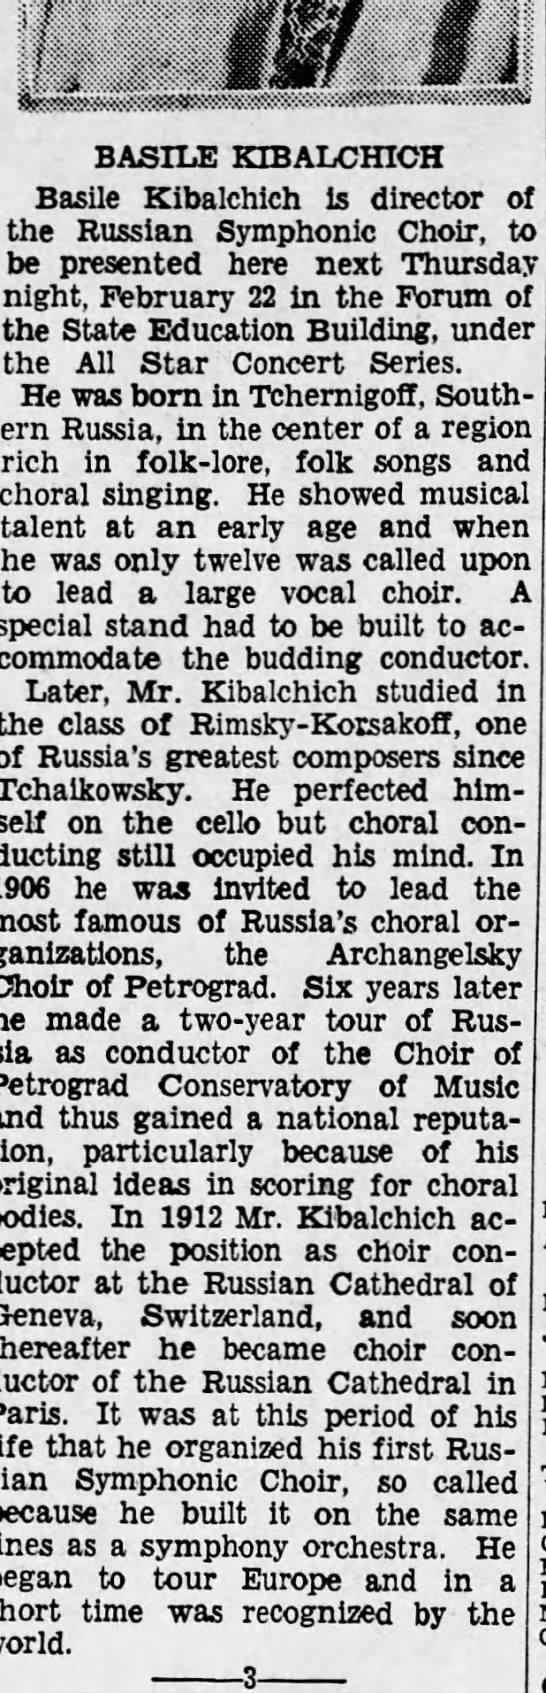 Kibalchich in Harrisburg, Pensylvania, Feb. 15, 1934